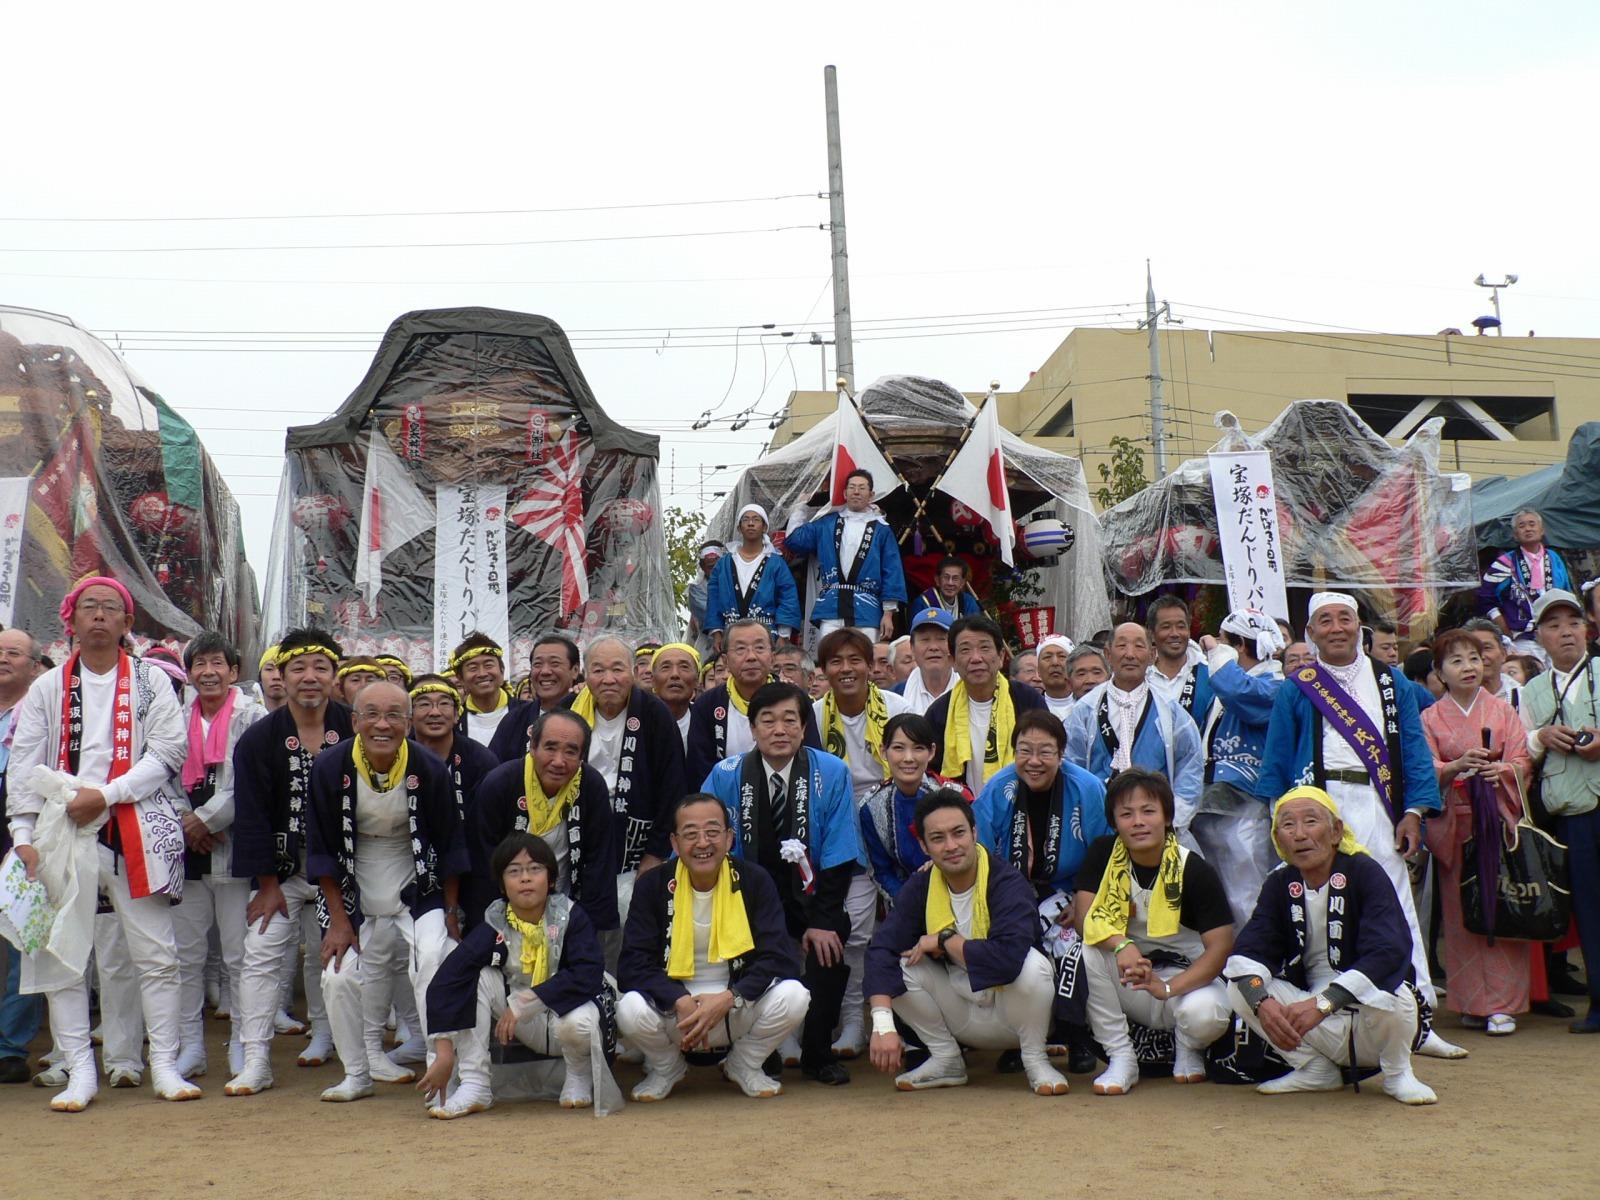 11/5 宝塚だんじりパレード_a0218340_177946.jpg